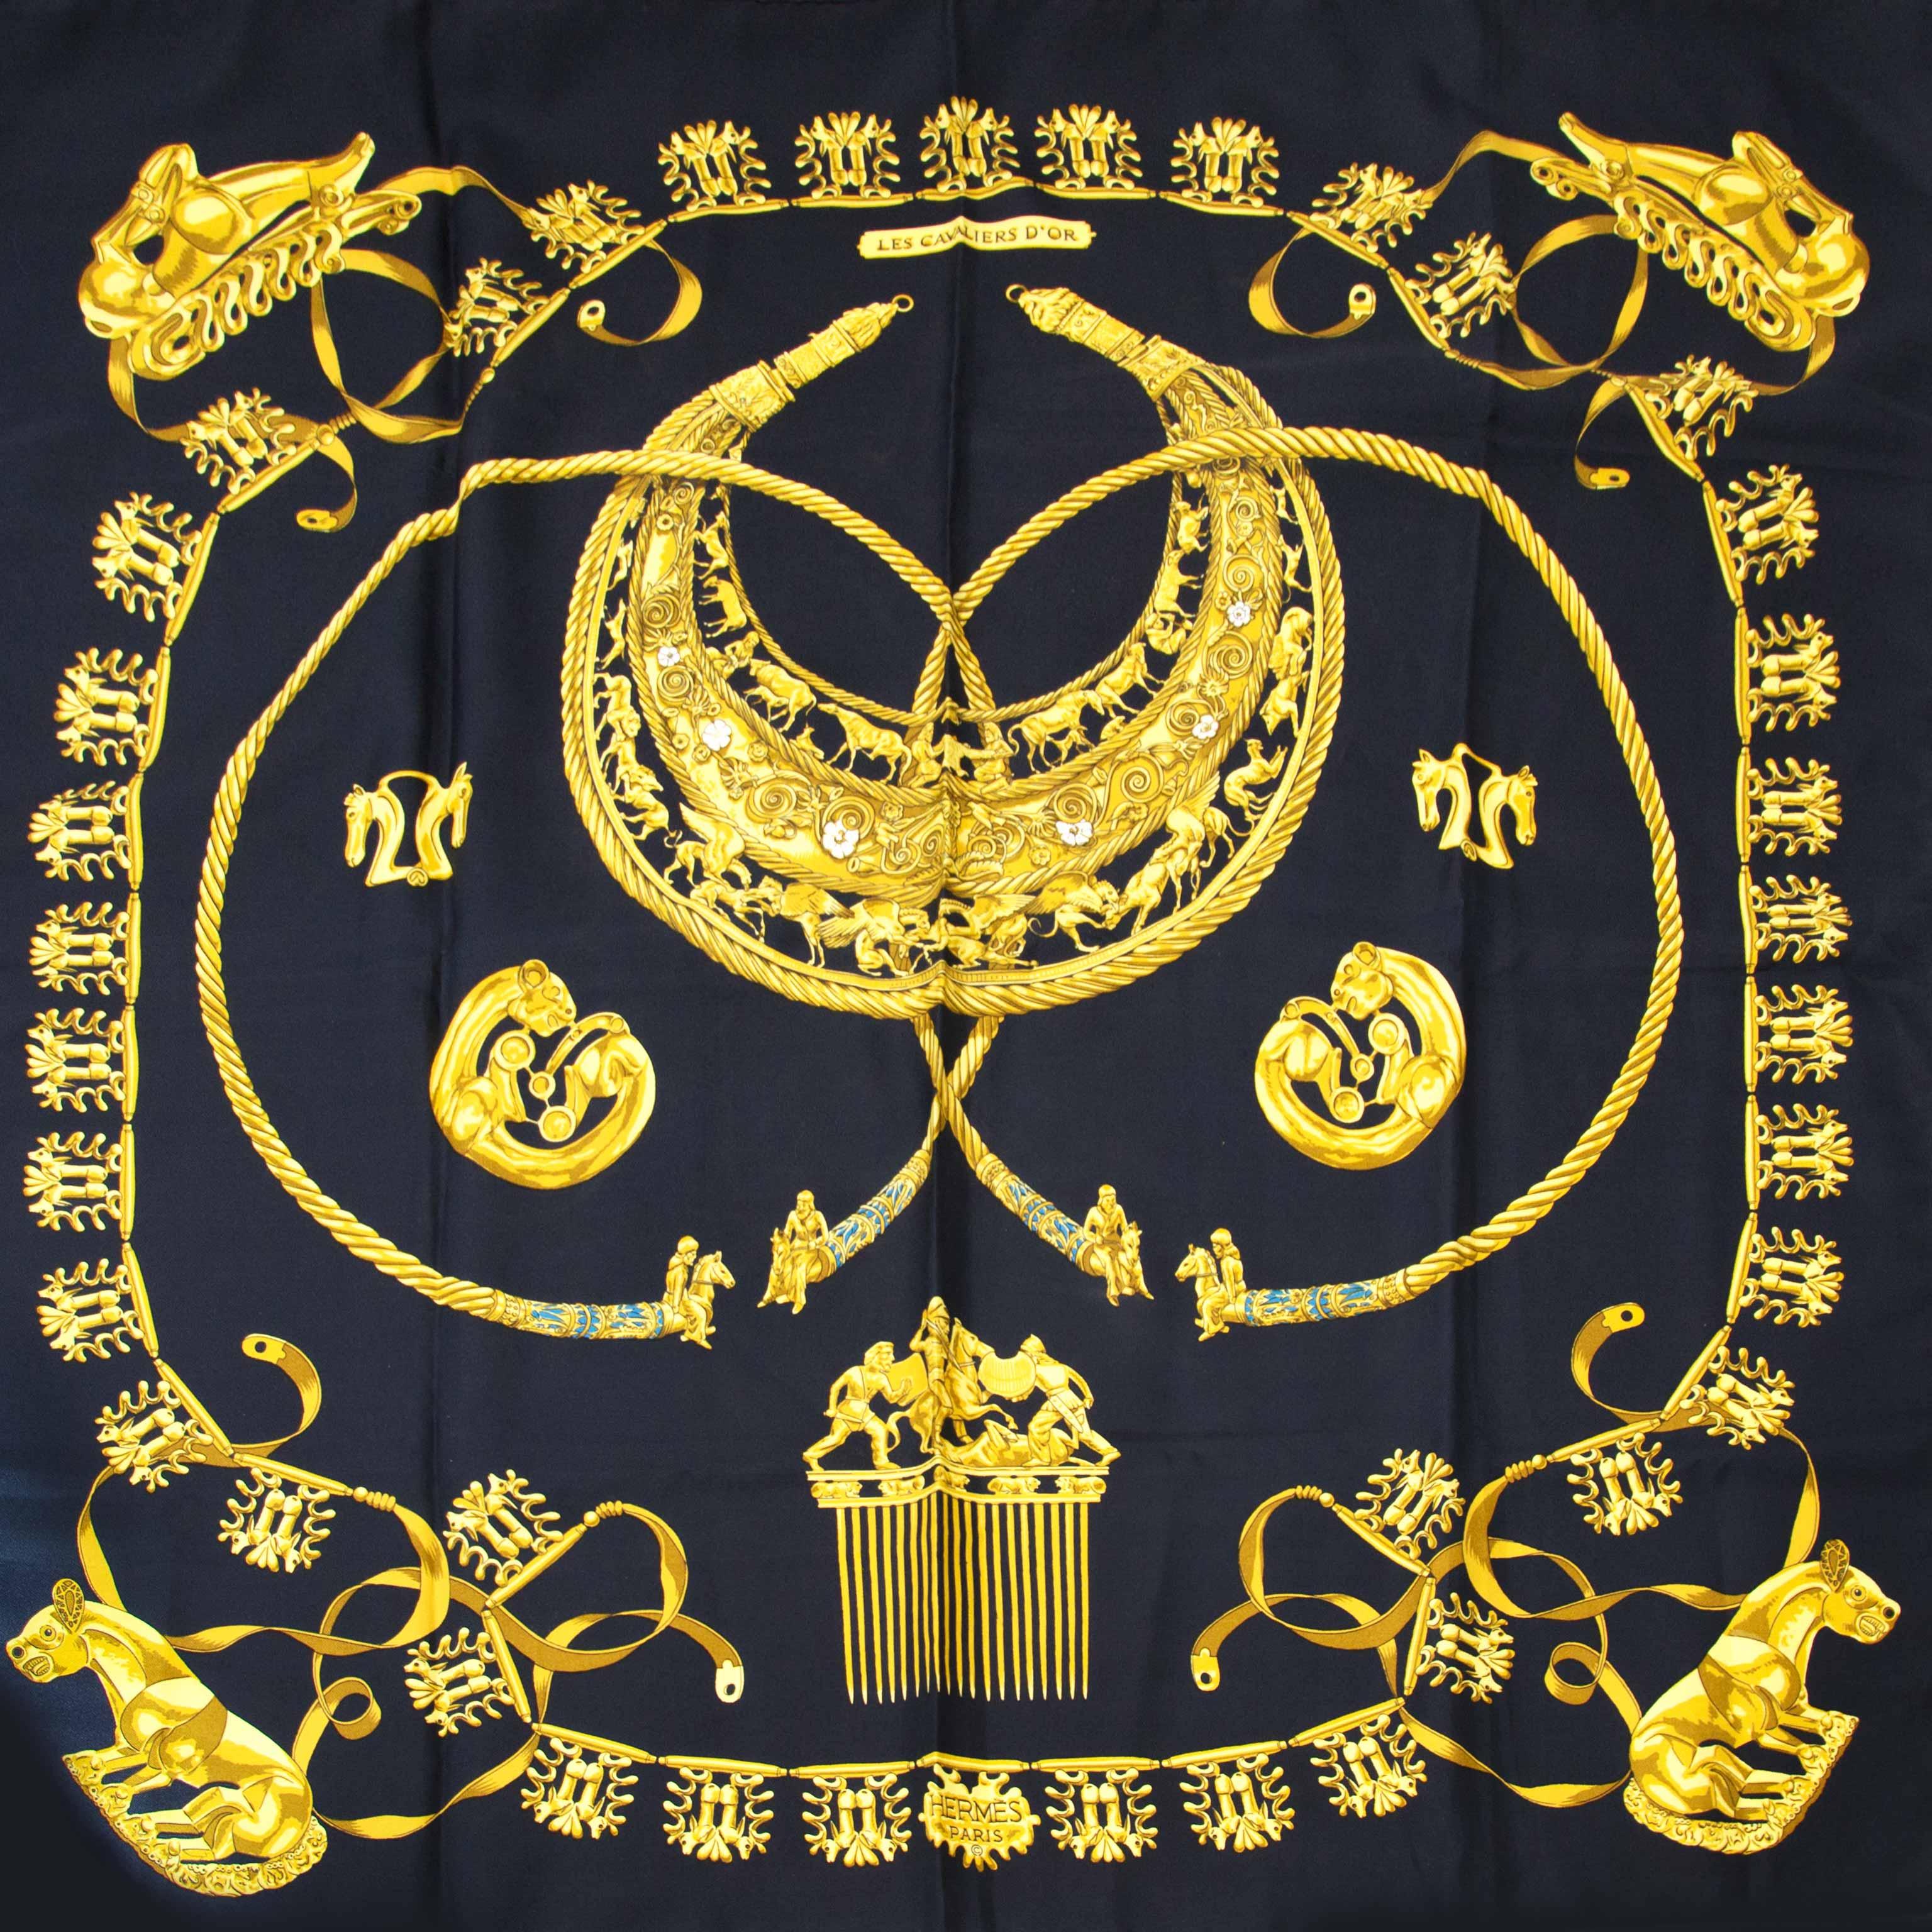 Prachtige authentieke sjaal van hermes nu te koop op labellov.com